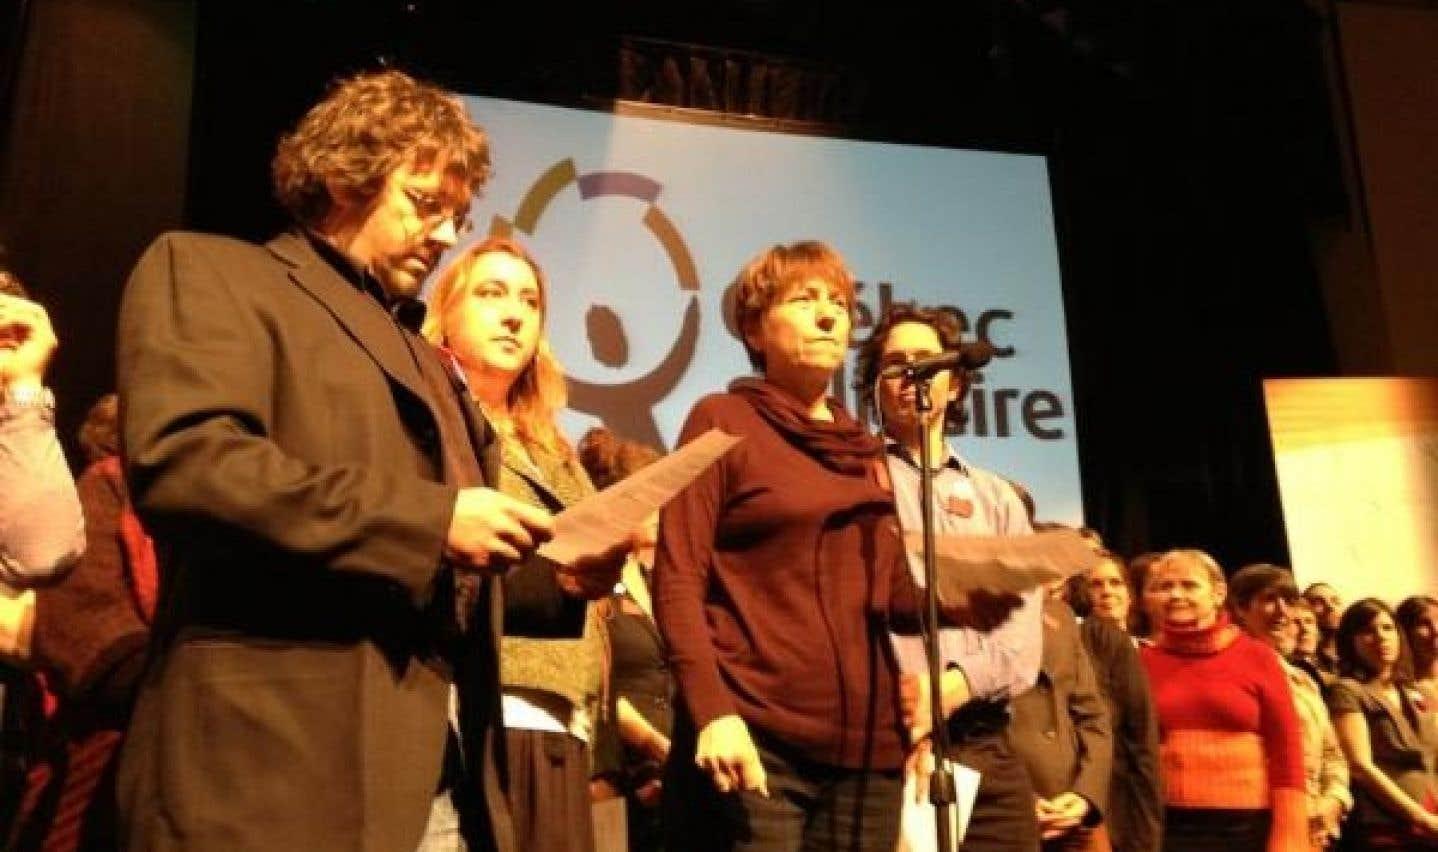 Québec solidaire tient cette fin de semaine à Montréal son 8e congrès, pendant lequel les militants sont appelés à adopter la plateforme électorale du parti.